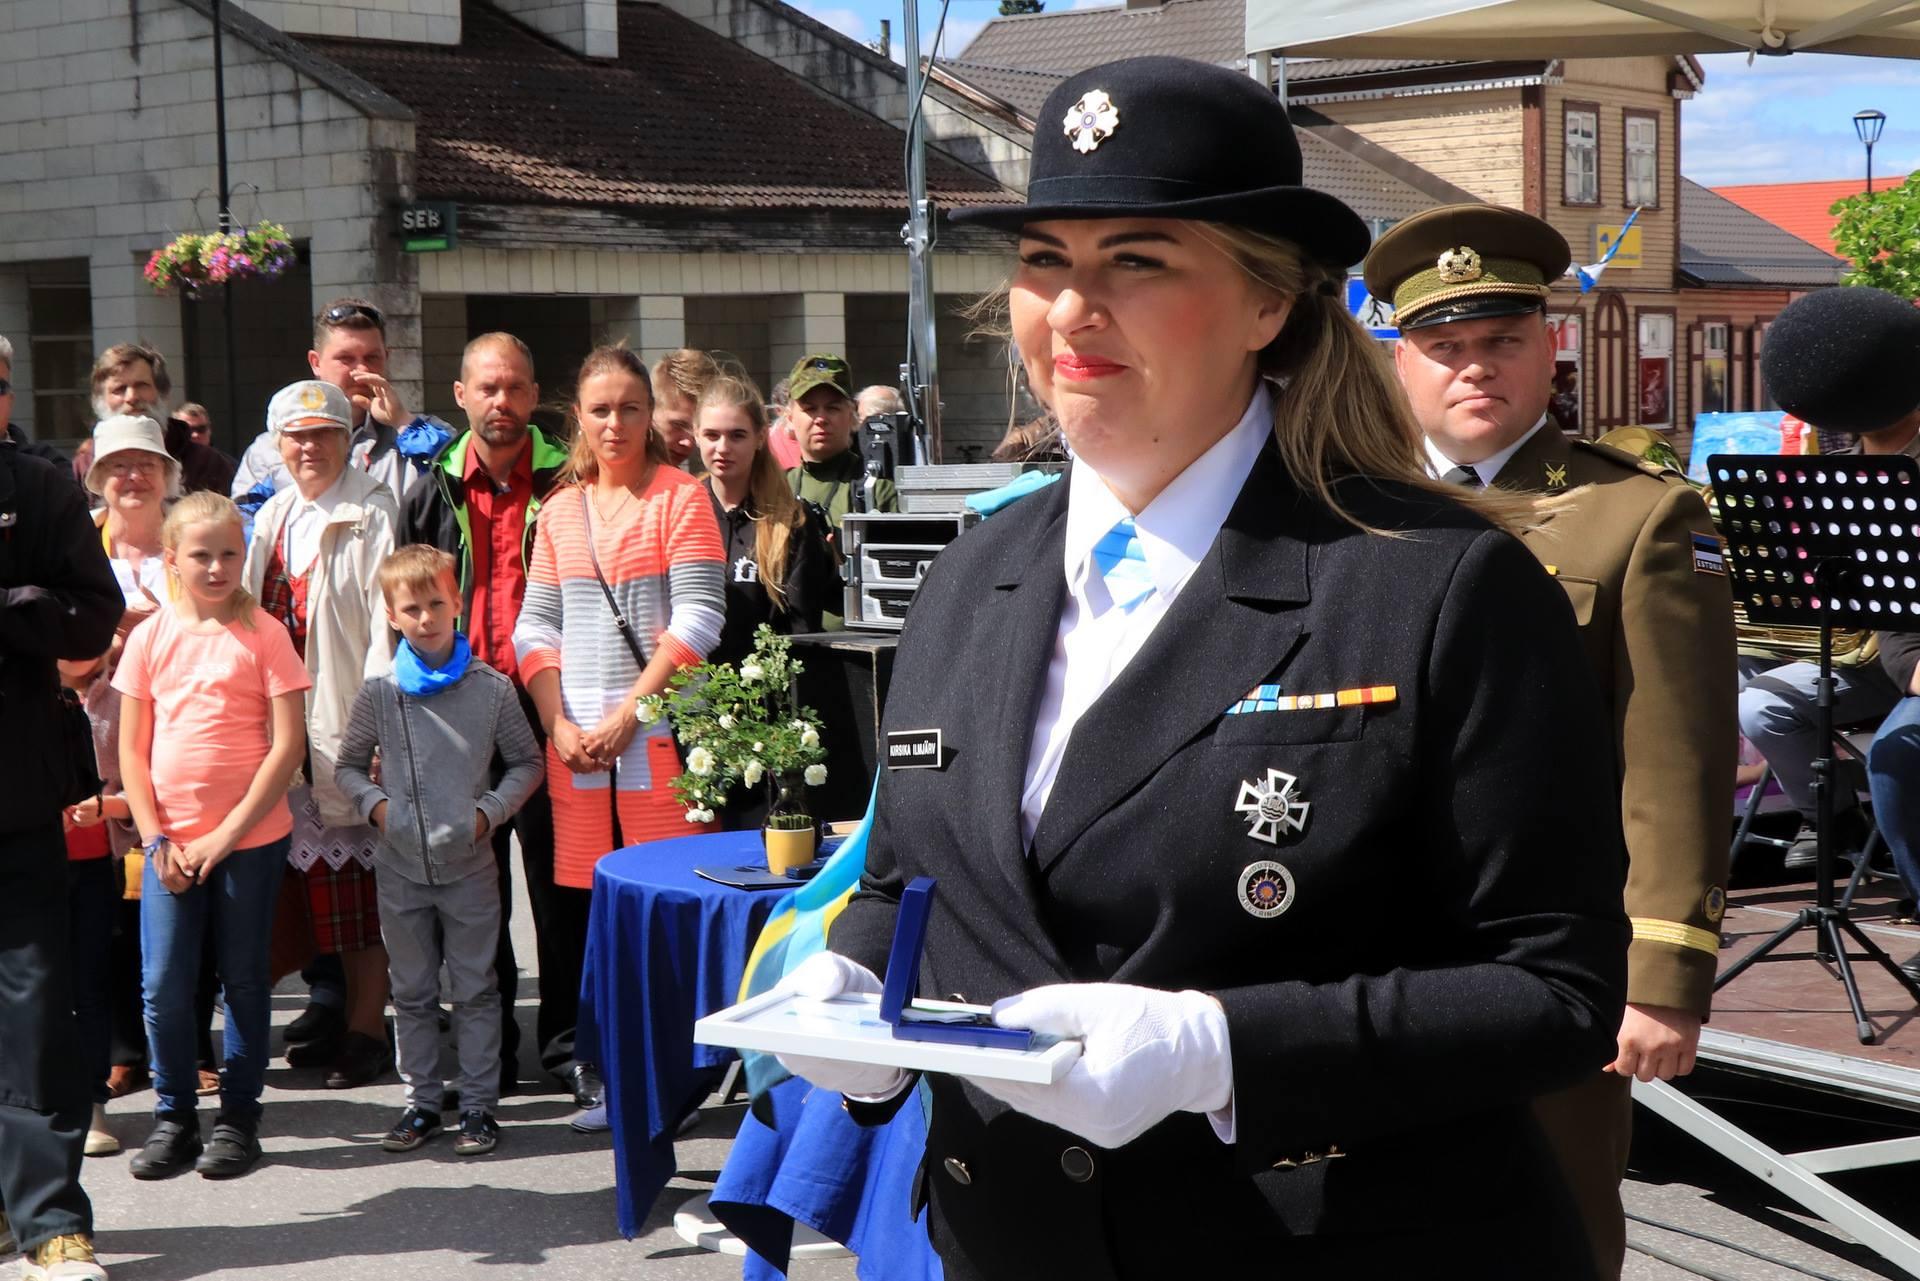 Palju õnne! Järvamaa teenetemedali pälvisid Kirsika Ilmjärv, Lauri Lipp ja Ründo Mülts